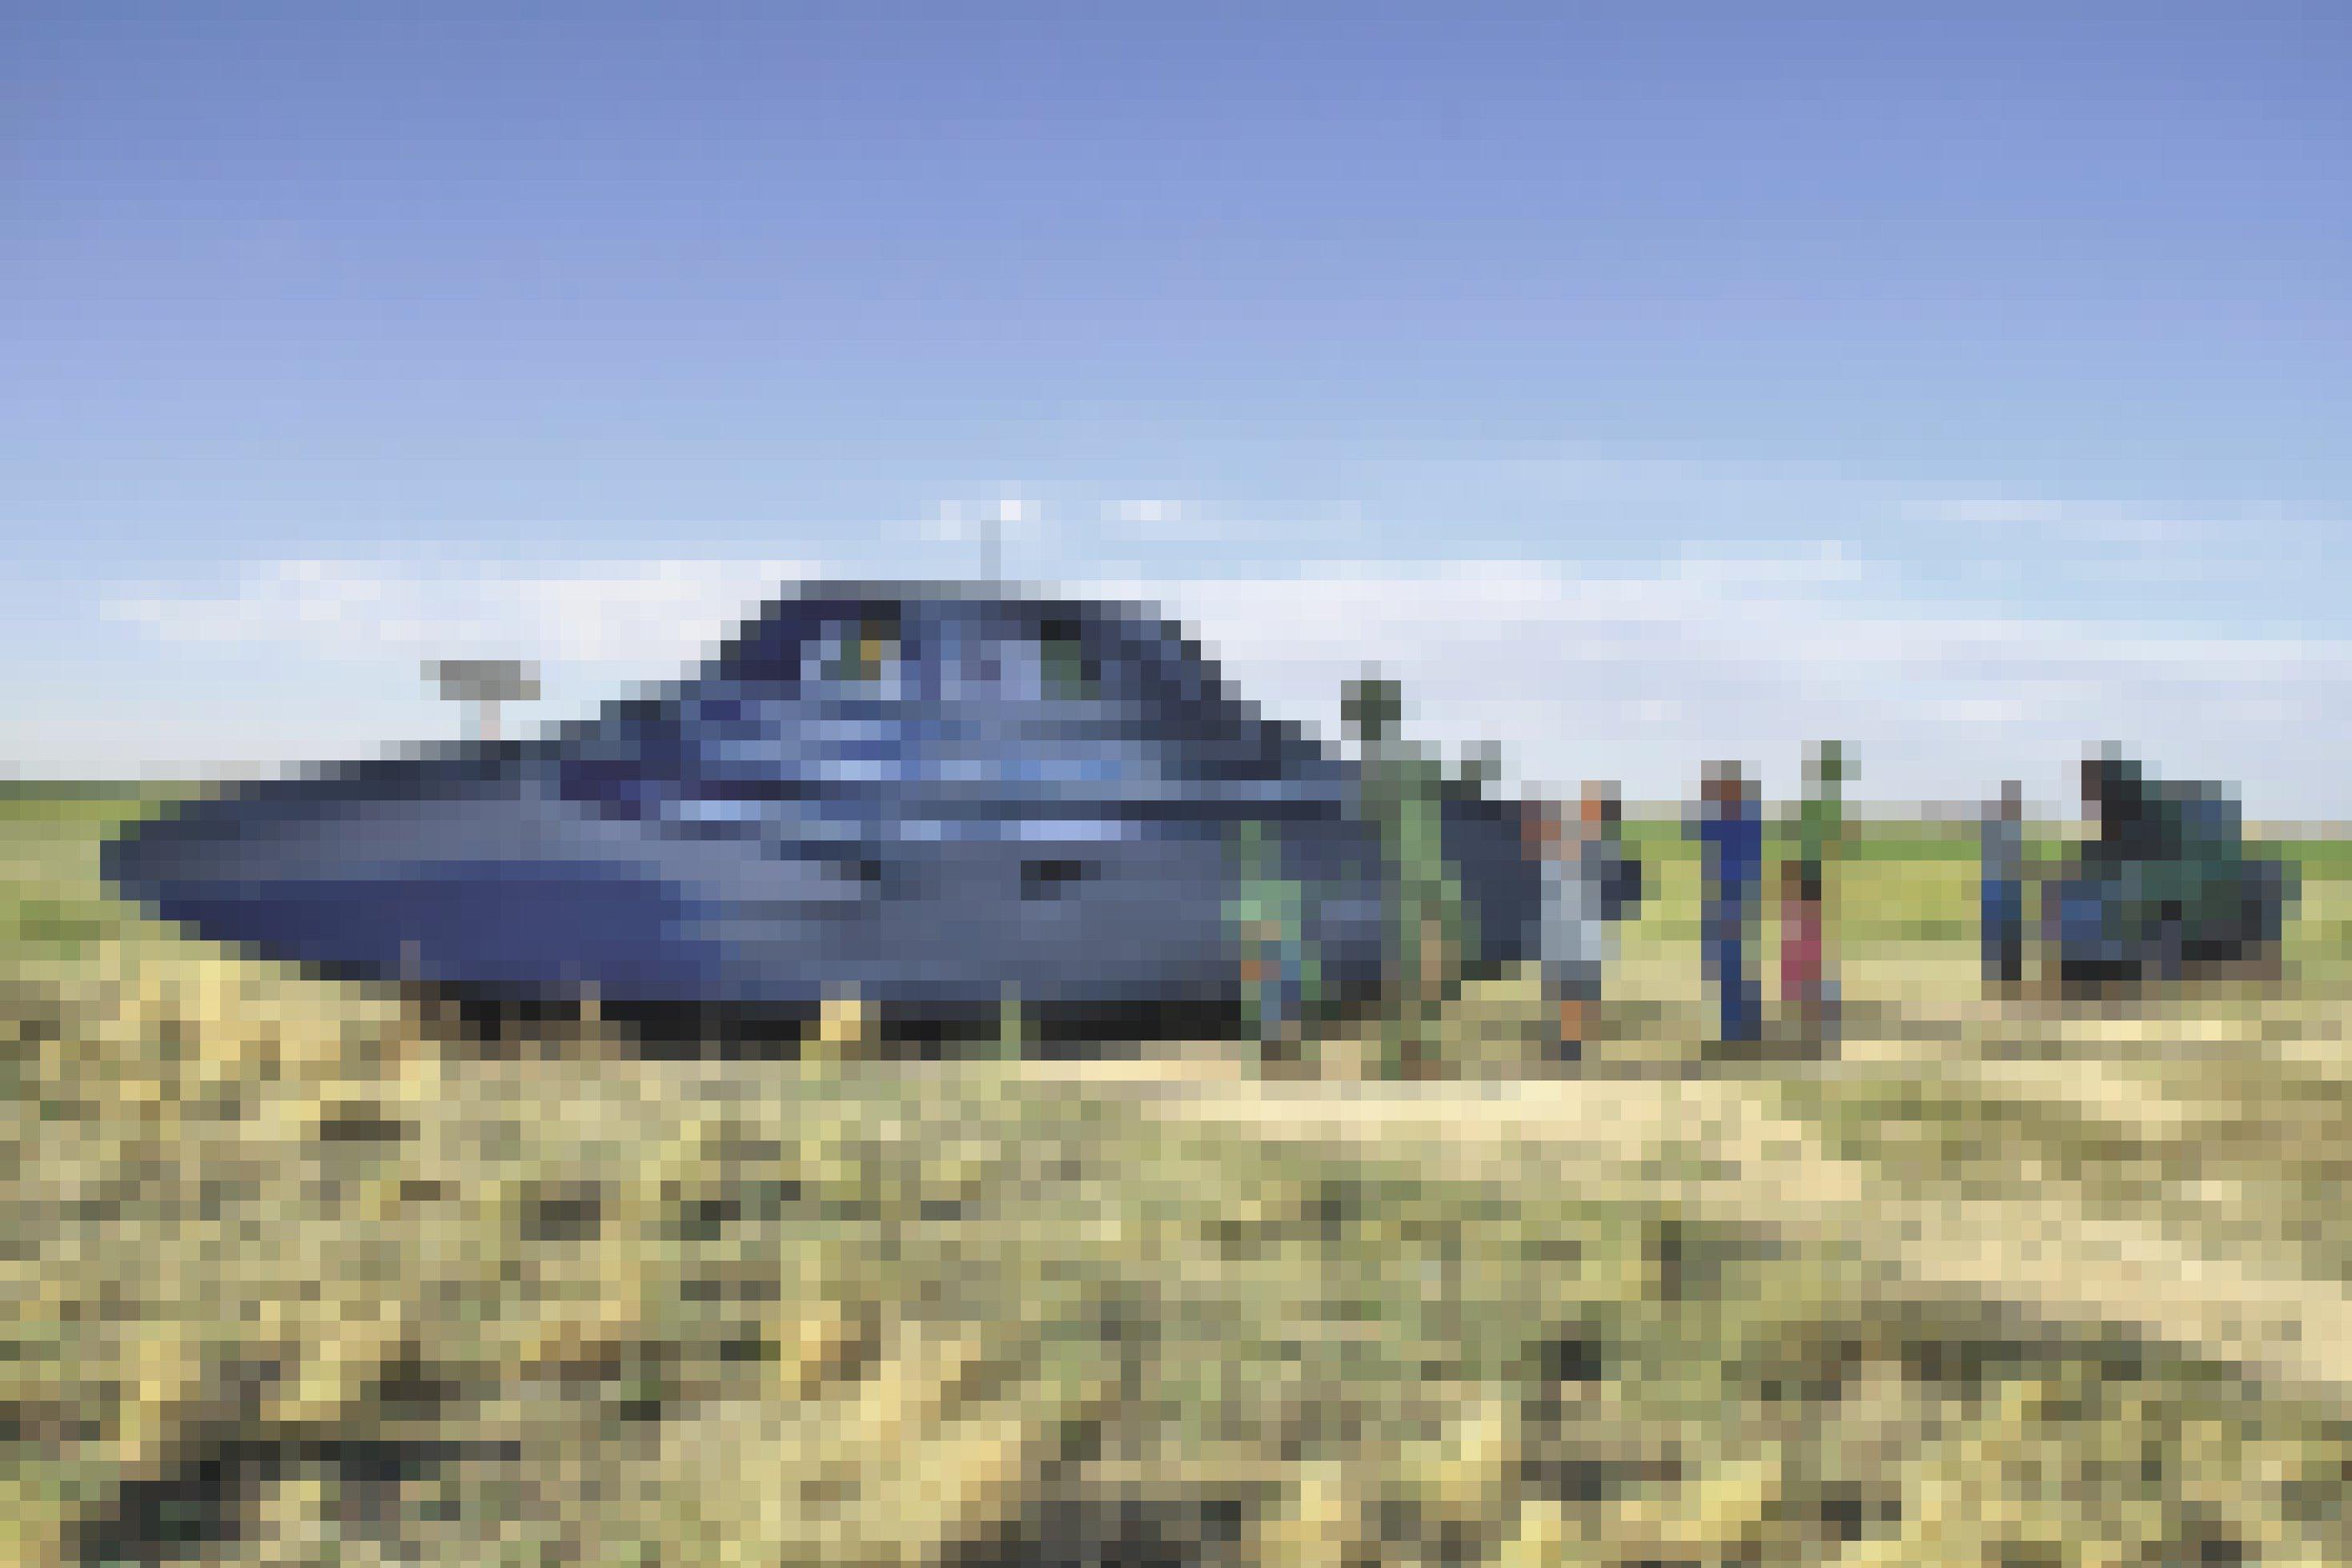 """Ein Ufo aus Pappe liegt auf einem Feld. Daneben stehen Pappfiguren, die wie Farmer aussehen und dem Ufo """"Starthilfe"""" geben."""